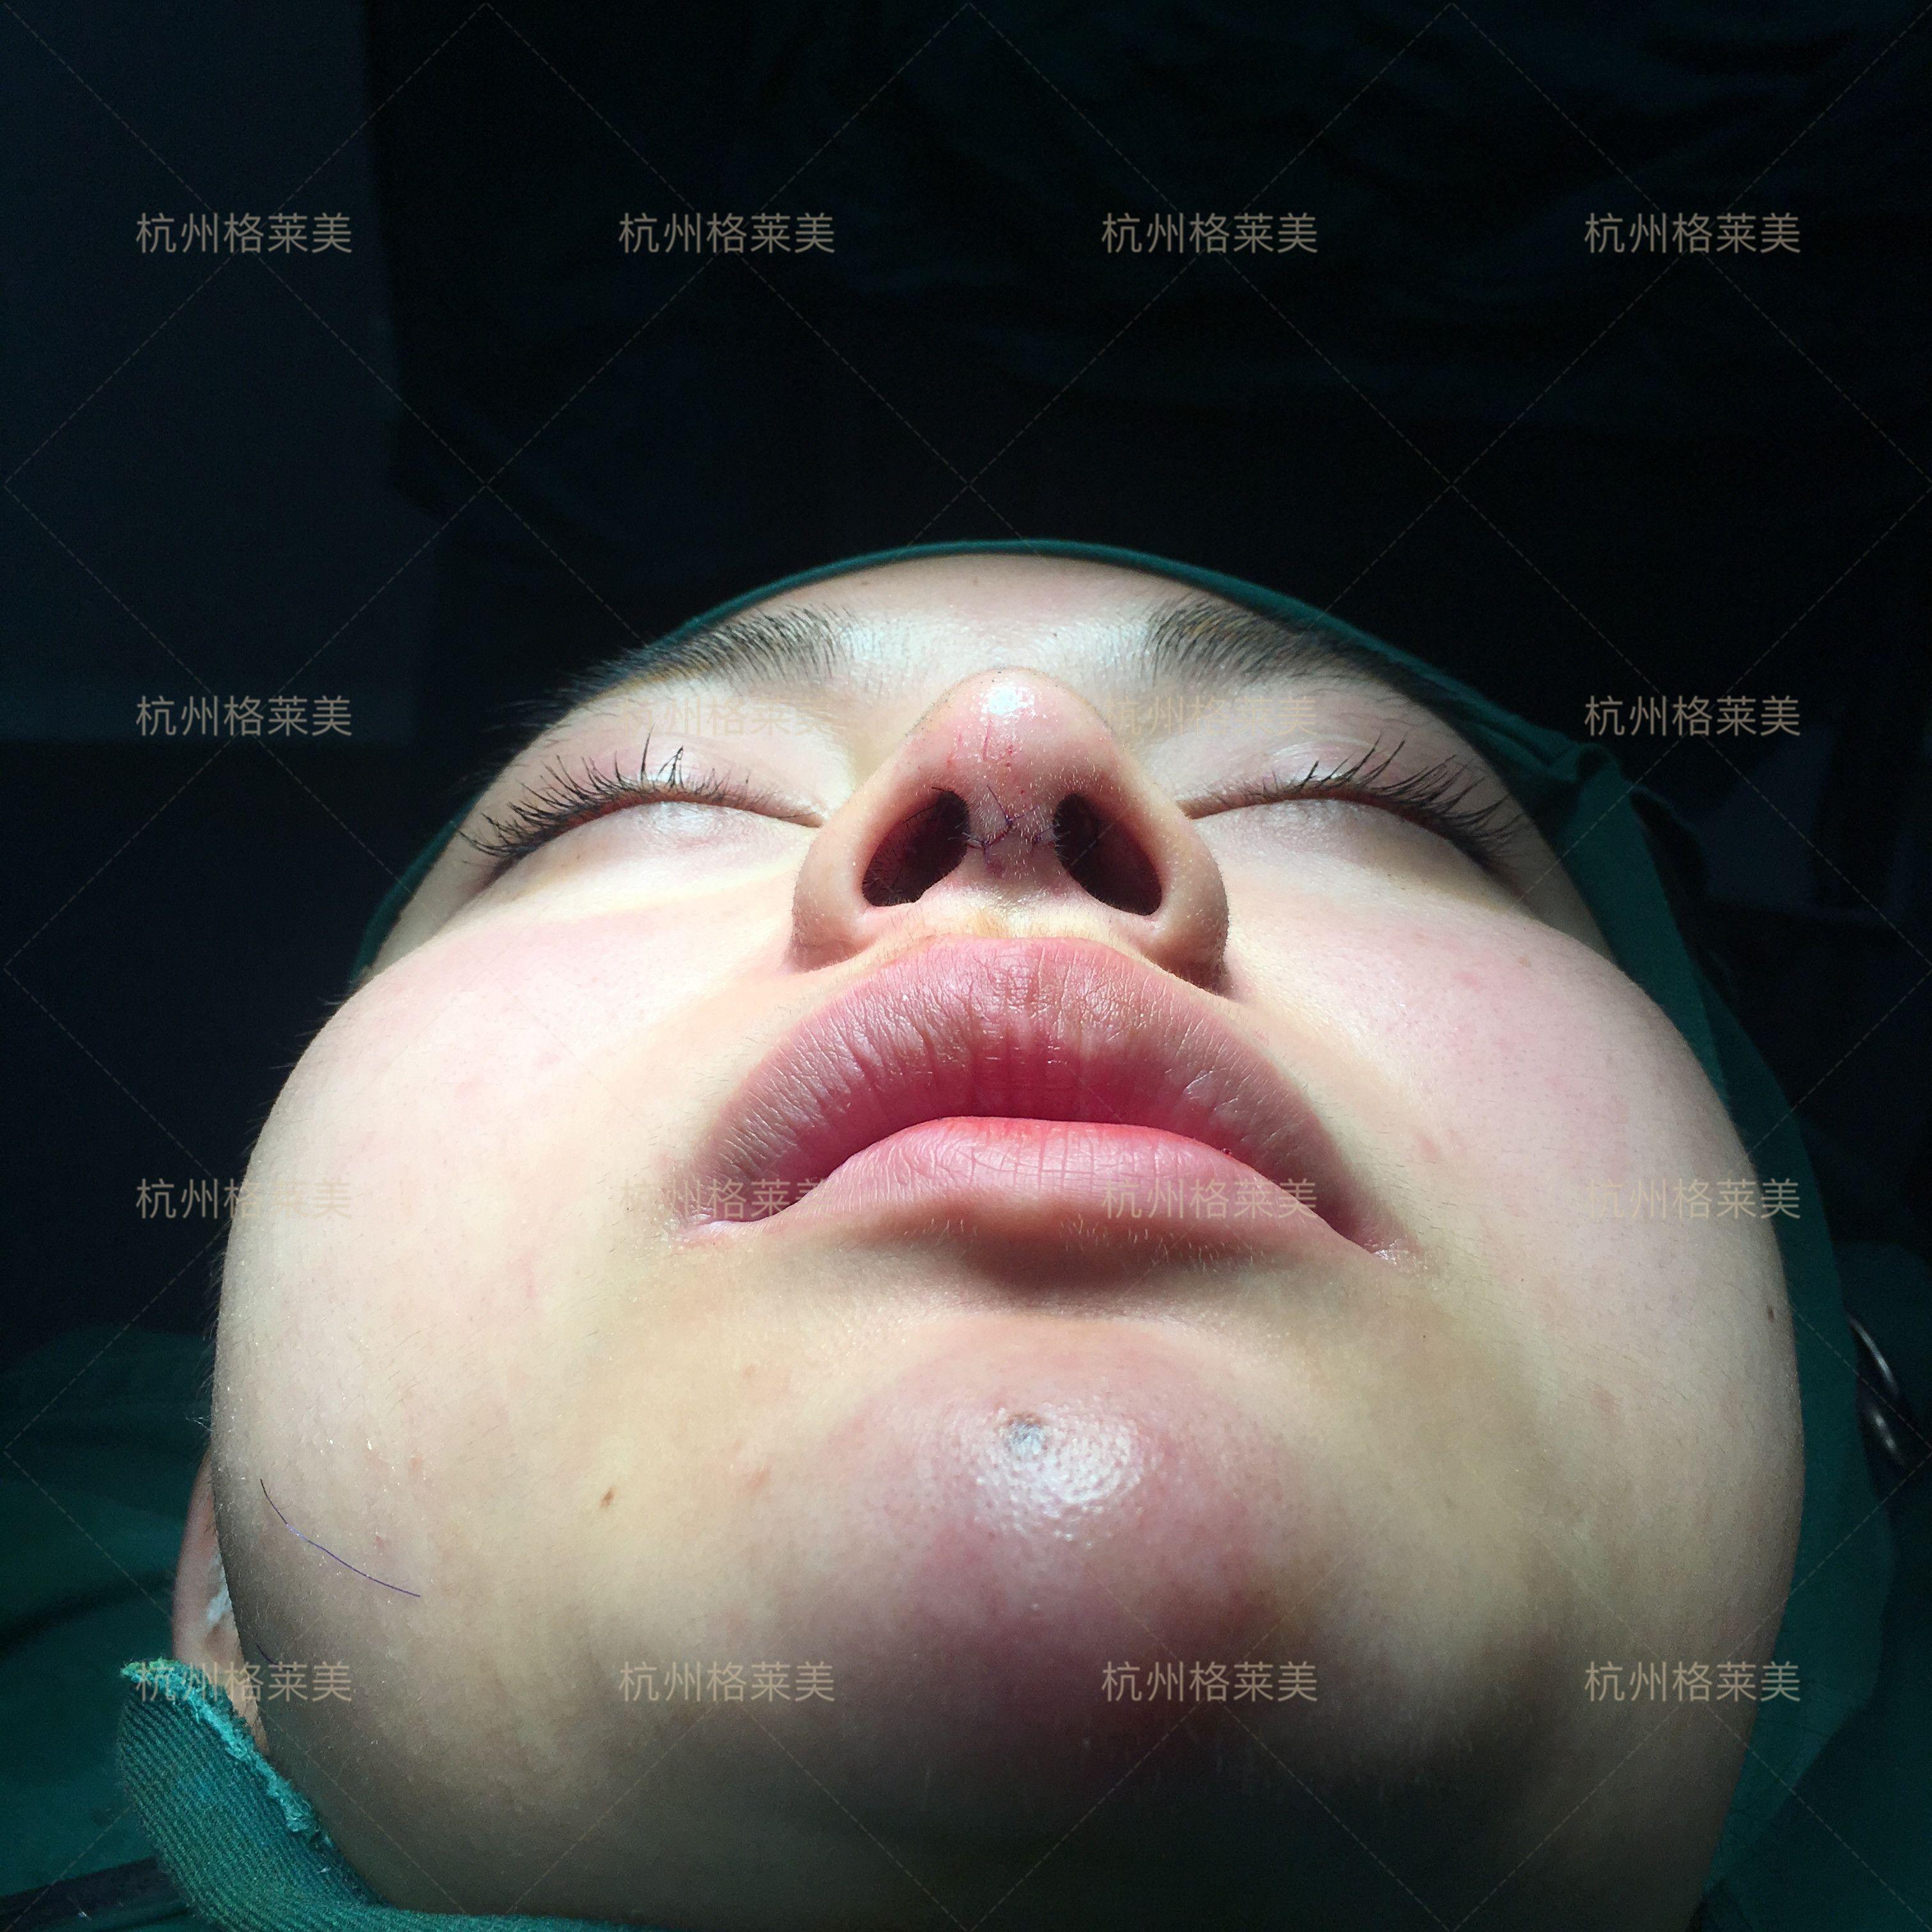 鼻子整形千千万,但像我这样只想改善鼻头的不多吧,我的鼻梁蛮高的,就是嫌弃鼻头不好看,圆圆的看起来笨笨的,本来是挺有个性的一个人,因为鼻头气场都削弱了,也很影响妆容的精致度。因为在杭州读书,对这边比较熟,知道哪家整形医院鼻子做的好,所以有这个想法后不久就去做了。手术做好将近半个月了,我慢慢整理下思路,把恢复期的一些感受和照片一起po上来哈。关于手术,医生说鼻尖这块塑形能力好的是肋软骨,我比较保守选择了耳软骨,为了让效果更好,整体更和谐,鼻中隔和鼻小柱也做了调整,局麻的,我建议如果是做大综合隆鼻手术,或者项目里有调整鼻中隔的,一定要选择睡麻,还好我对麻药比较敏感,没觉得疼,后面也没有加麻药,手术顺利完成。一个鼻尖拯救了一个鼻子,我想说这也太好看了吧,不是自恋哈,完全是被医生的技术折服!